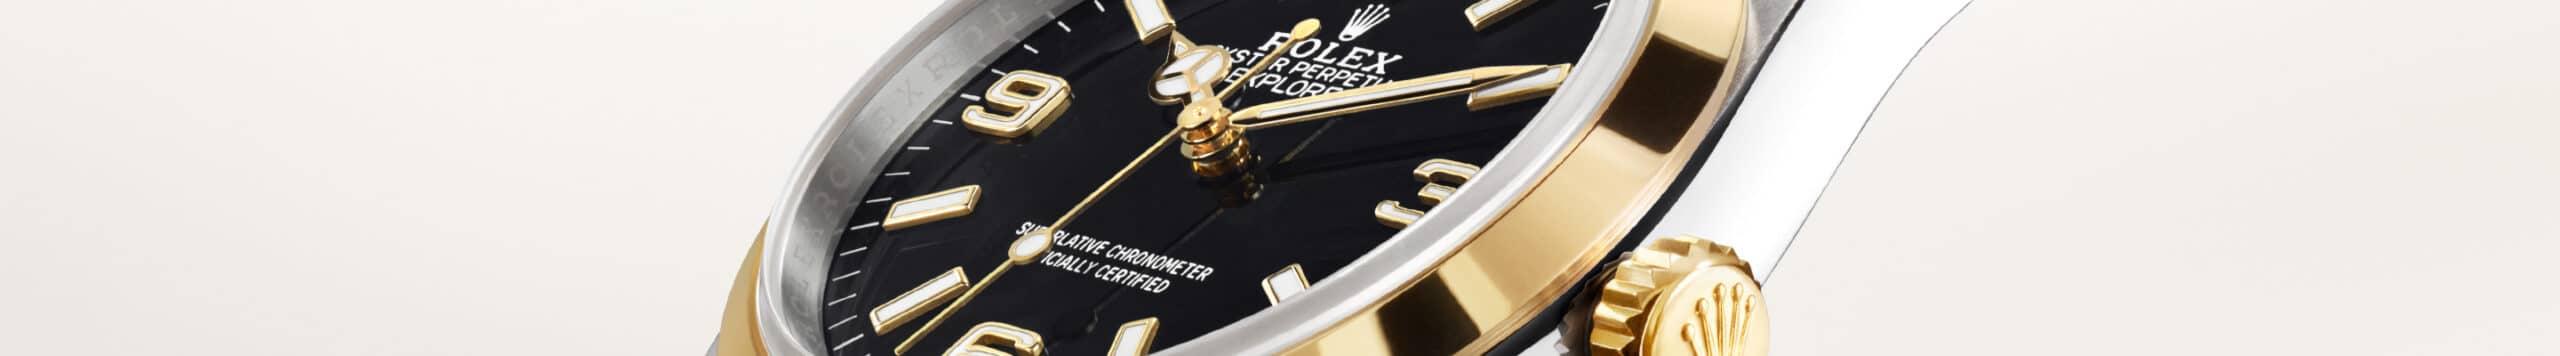 นาฬิกา Rolex Explorer ที่ เอ็น จี จี ไทม์พีซ